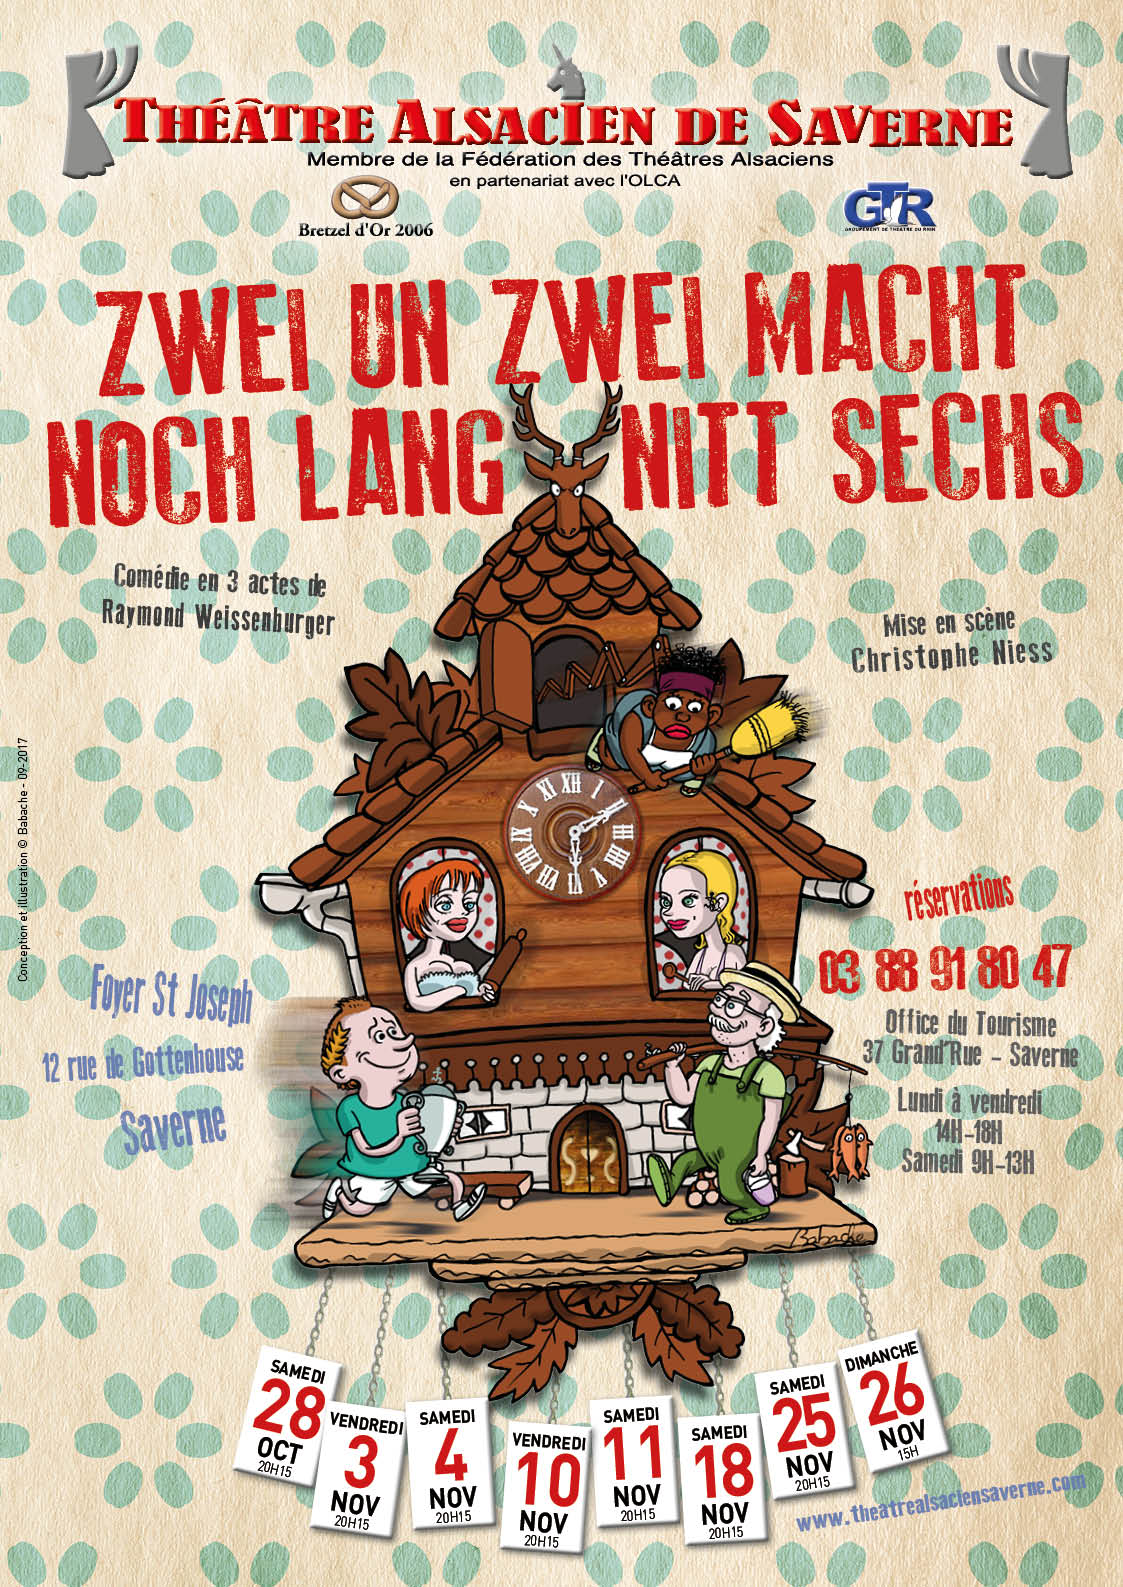 """La comédie « Zwei un zwei macht noch lang nitt """"sechs"""" », de Raymond Weissenburger, sera présentée au foyer Saint-Joseph à partir du samedi 28 octobre."""